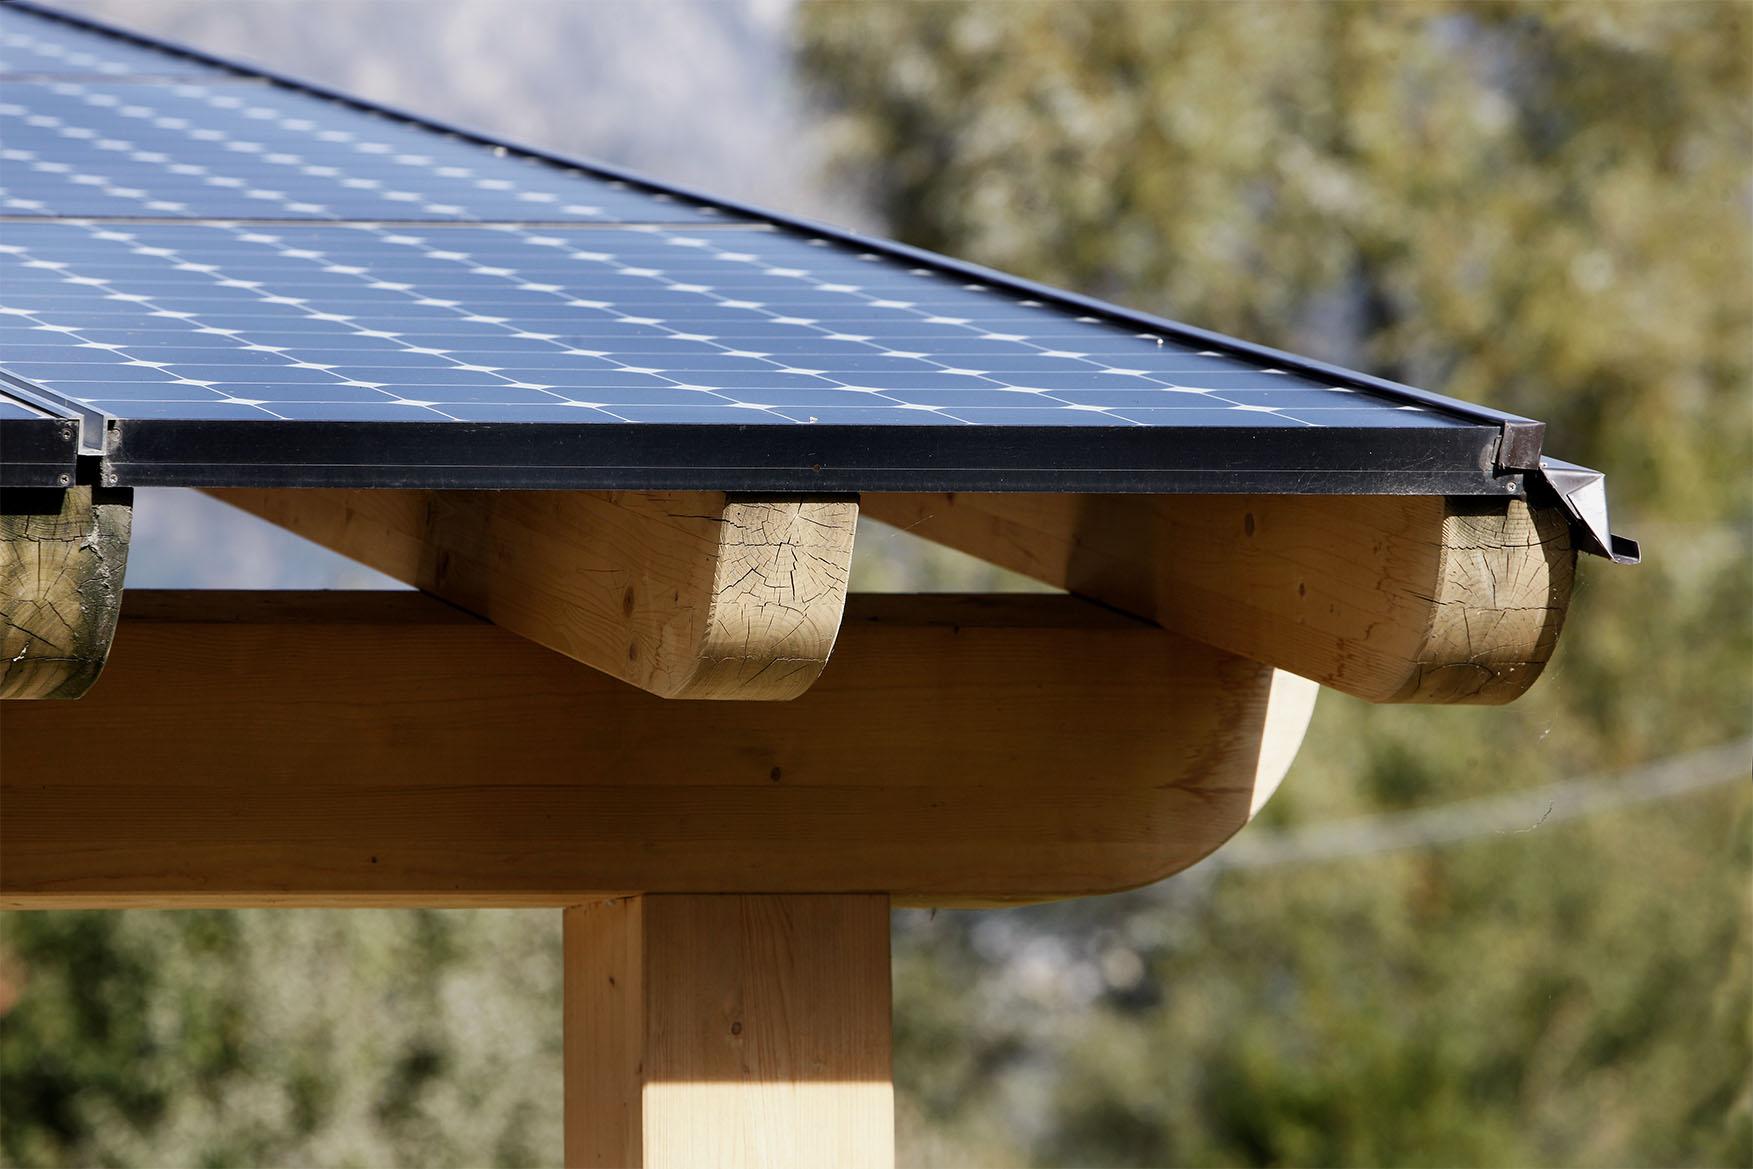 Copertura con pannelli solari in legno di pino nordico impregnato in autoclave realizzato da Linea Montanalegno - ILT